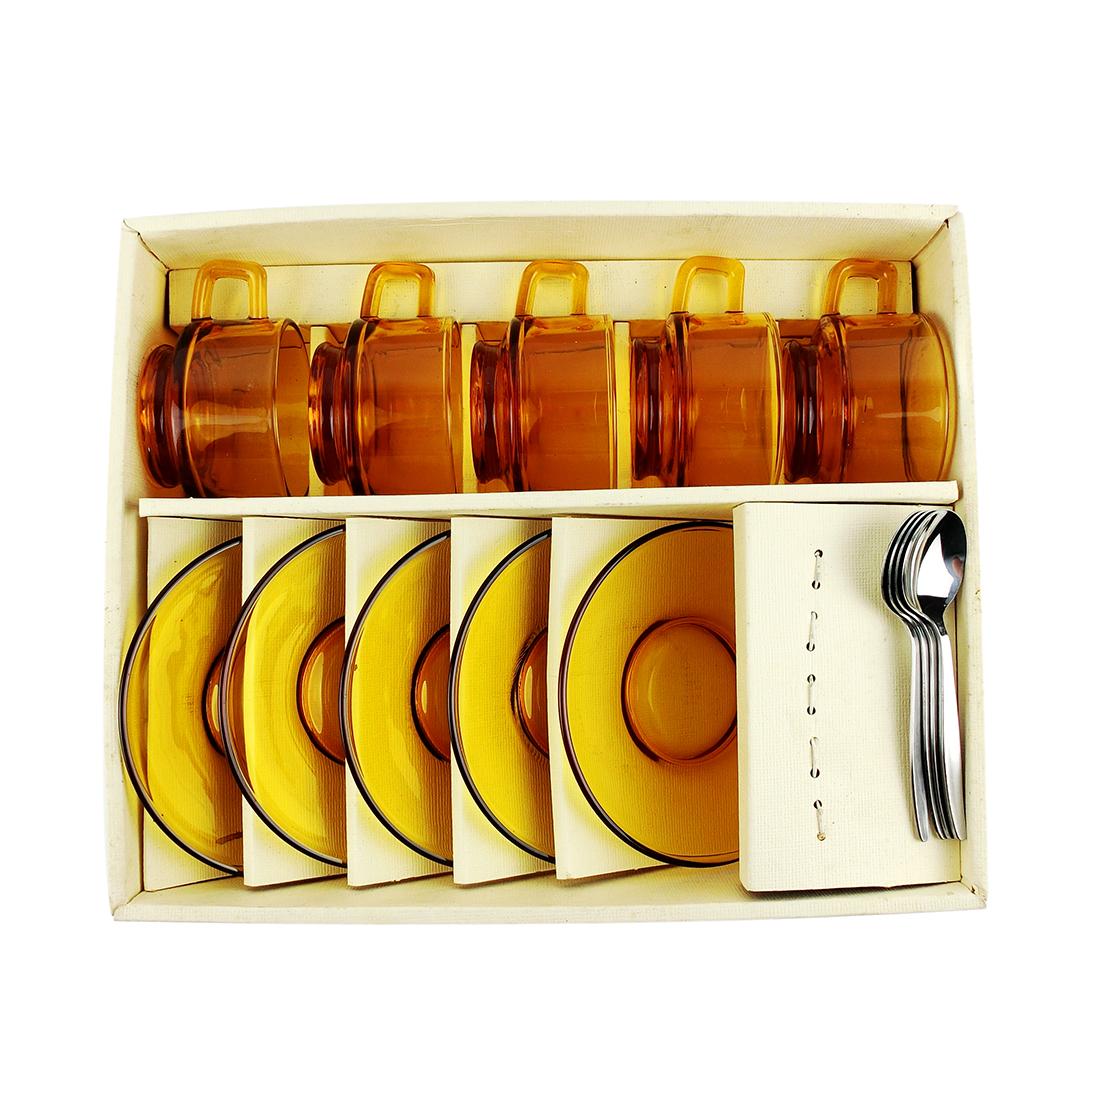 Hộp 5 Set Trà Thủy Tinh Kèm Muỗng Inox - Nhật - 471088